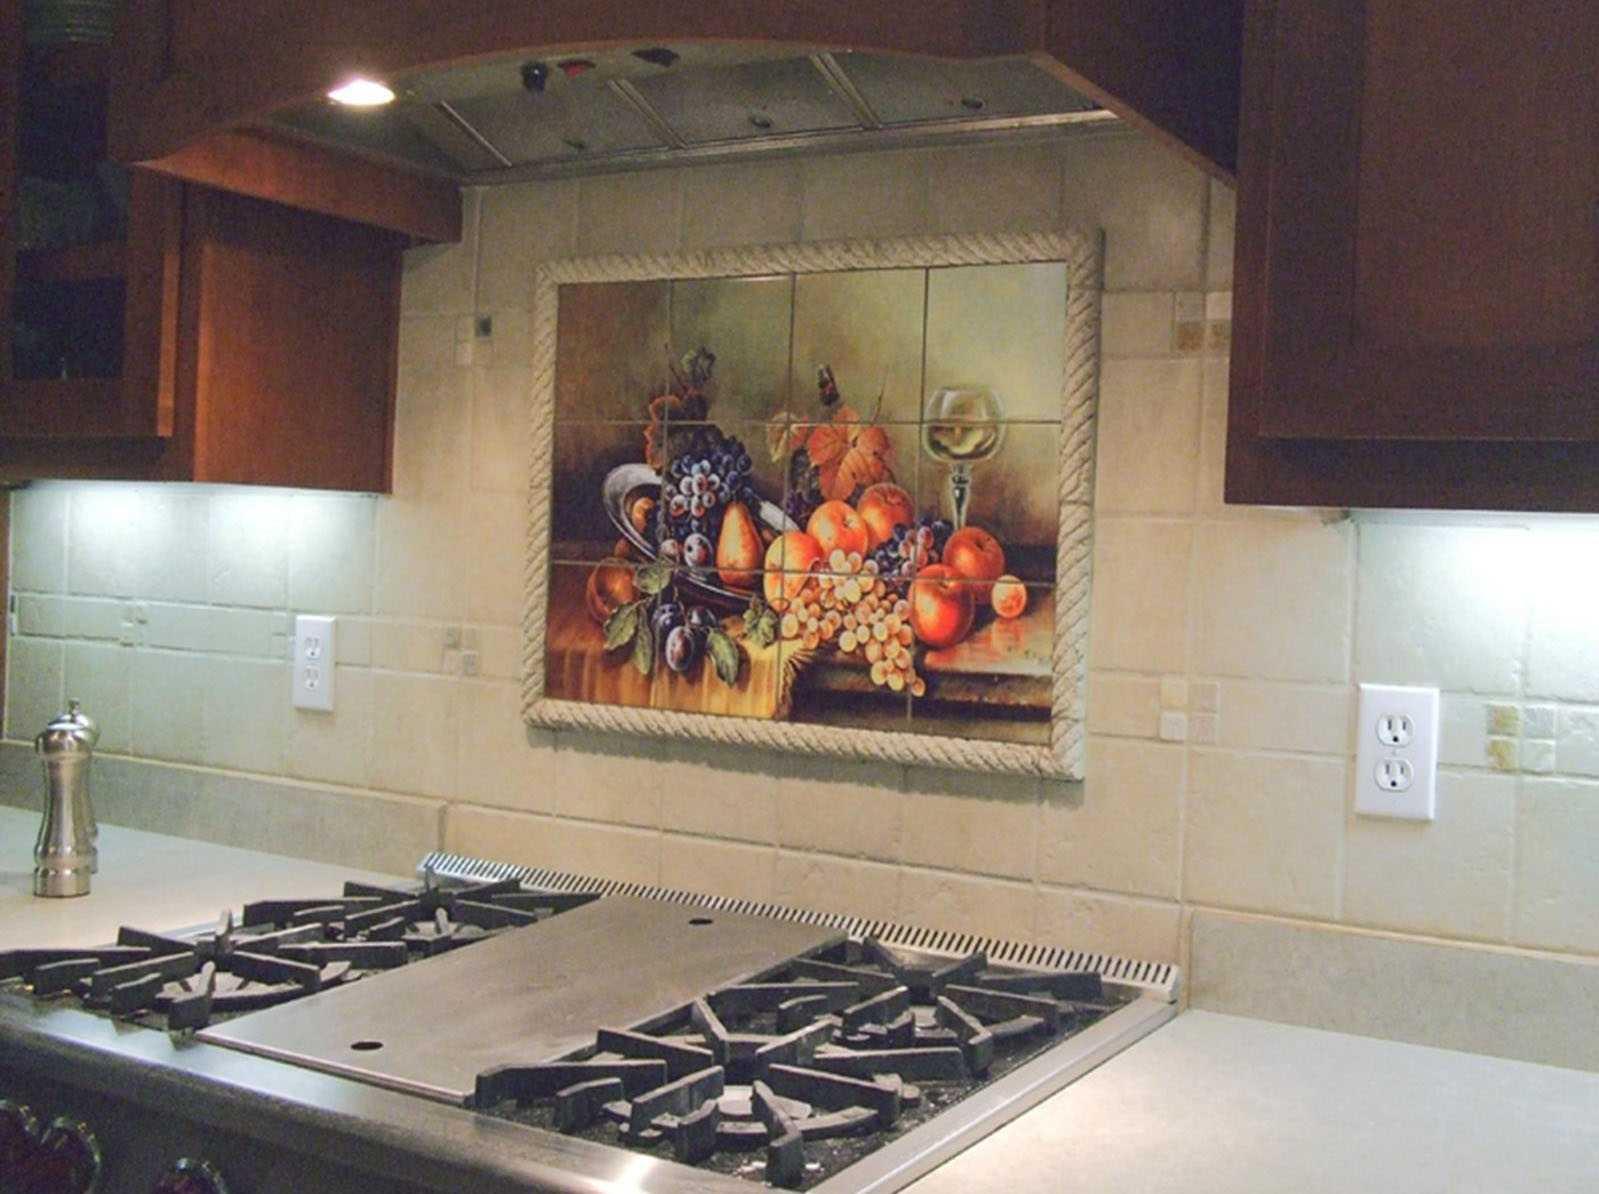 Дизайн кафельной плитки на полу и стенах в кухонном помещении